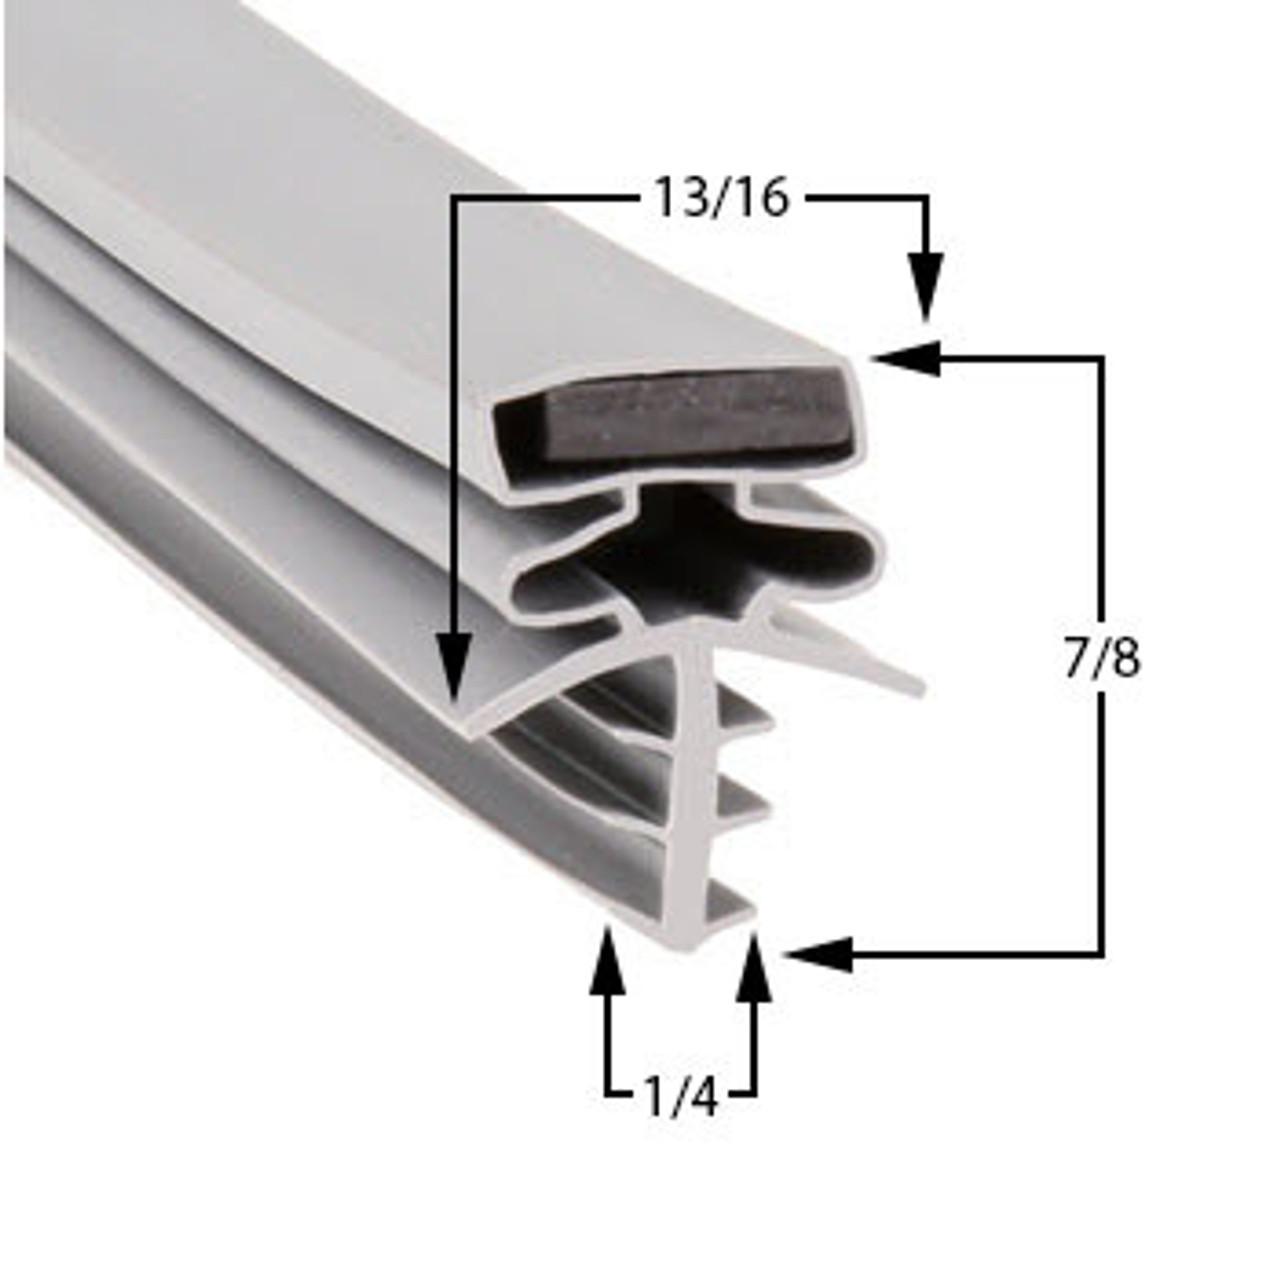 Bally Door Gasket Profile 301 25 1/4 x 83 3/4